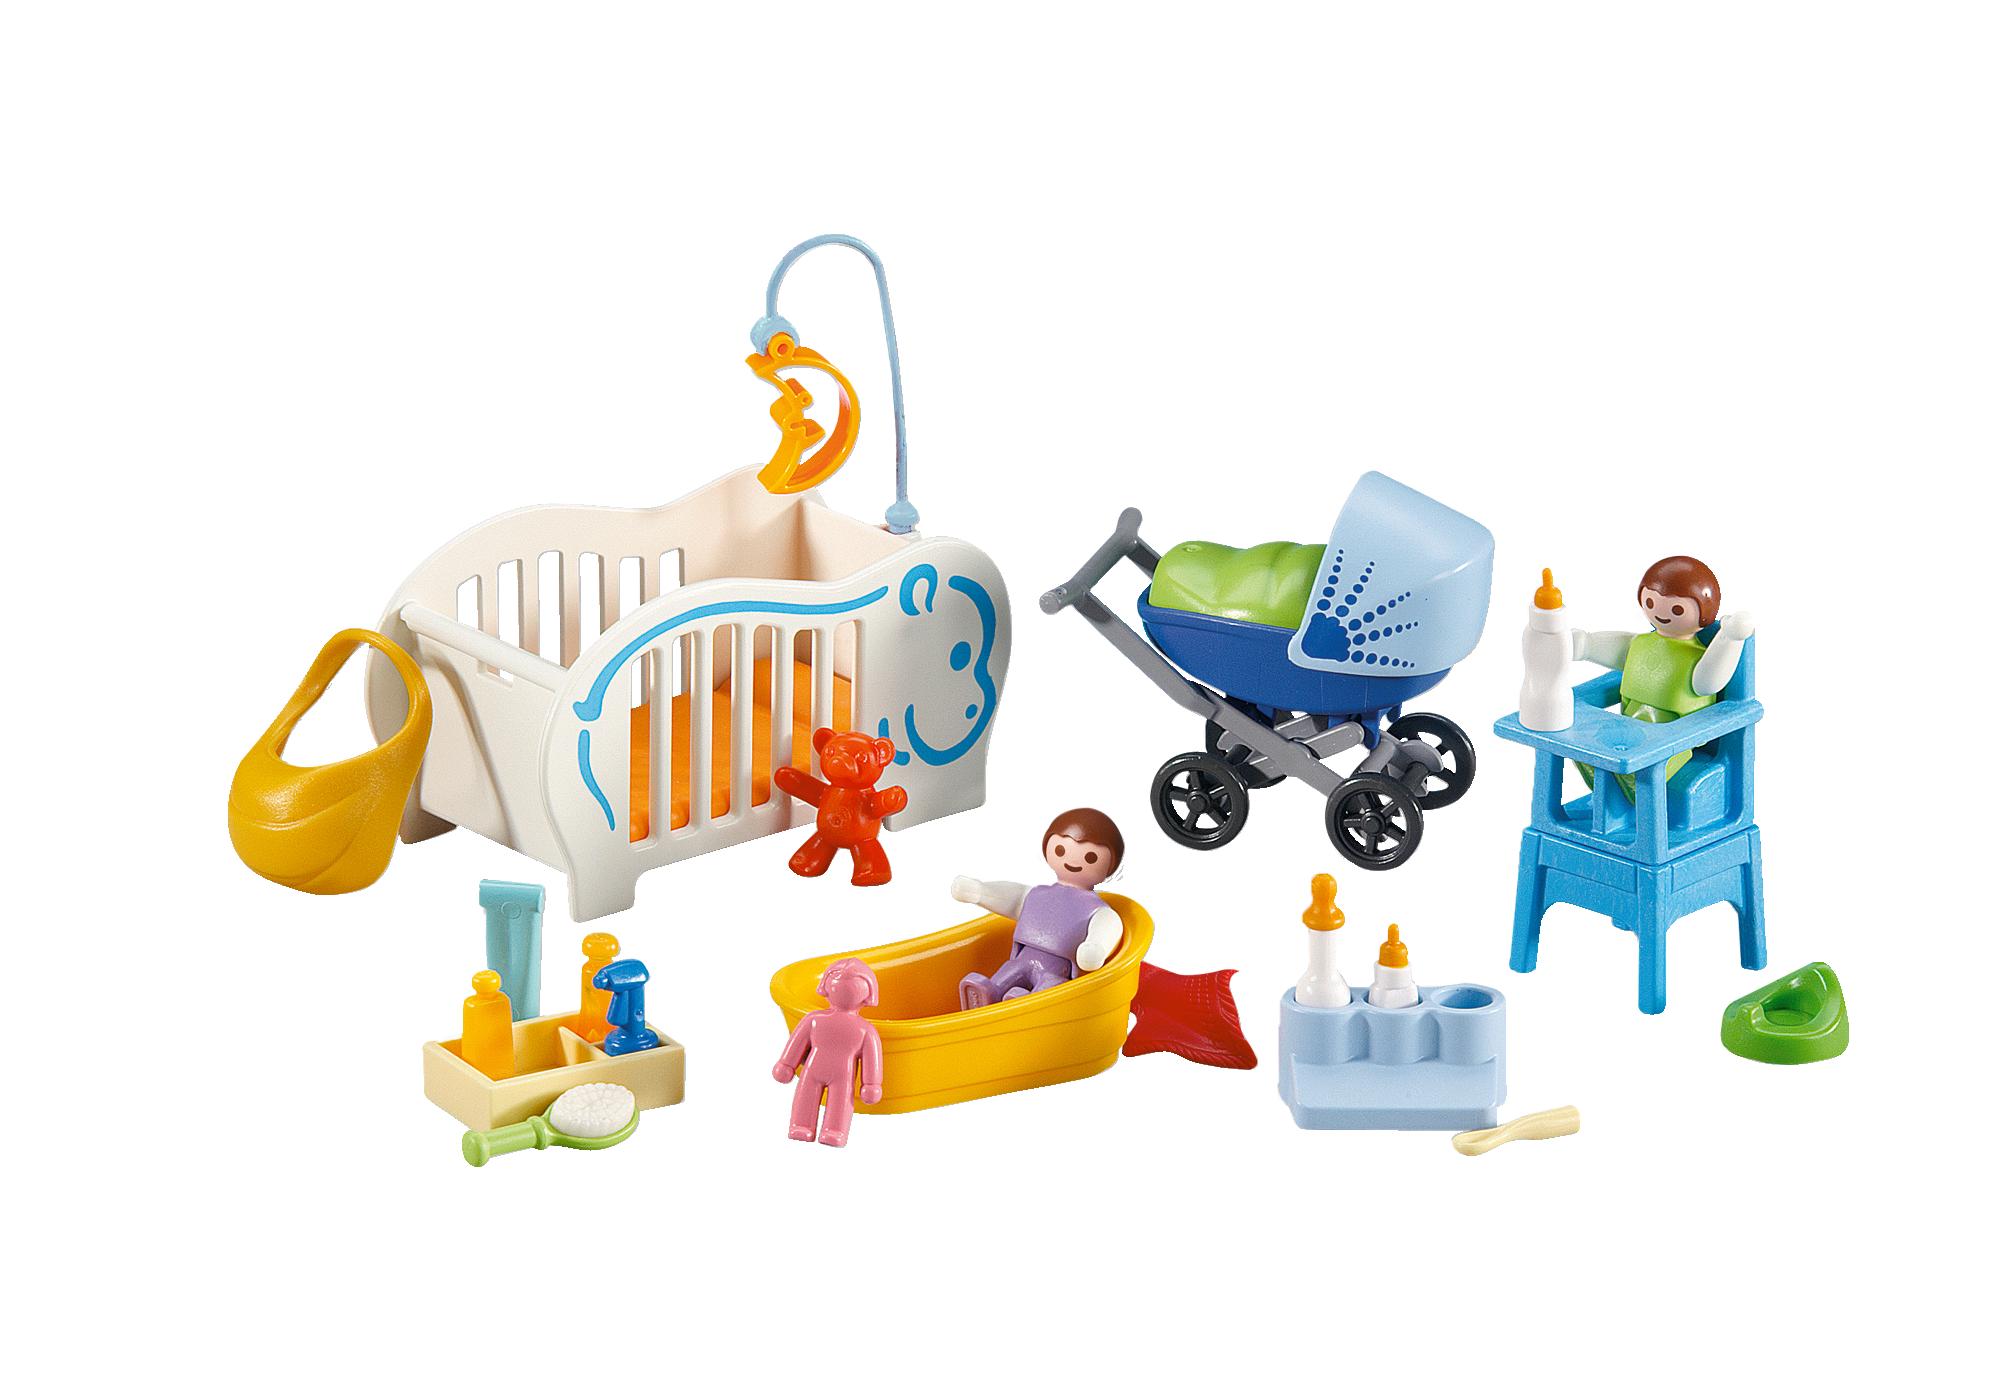 http://media.playmobil.com/i/playmobil/6226_product_detail/Pierwsze wyposażenie niemowlaka